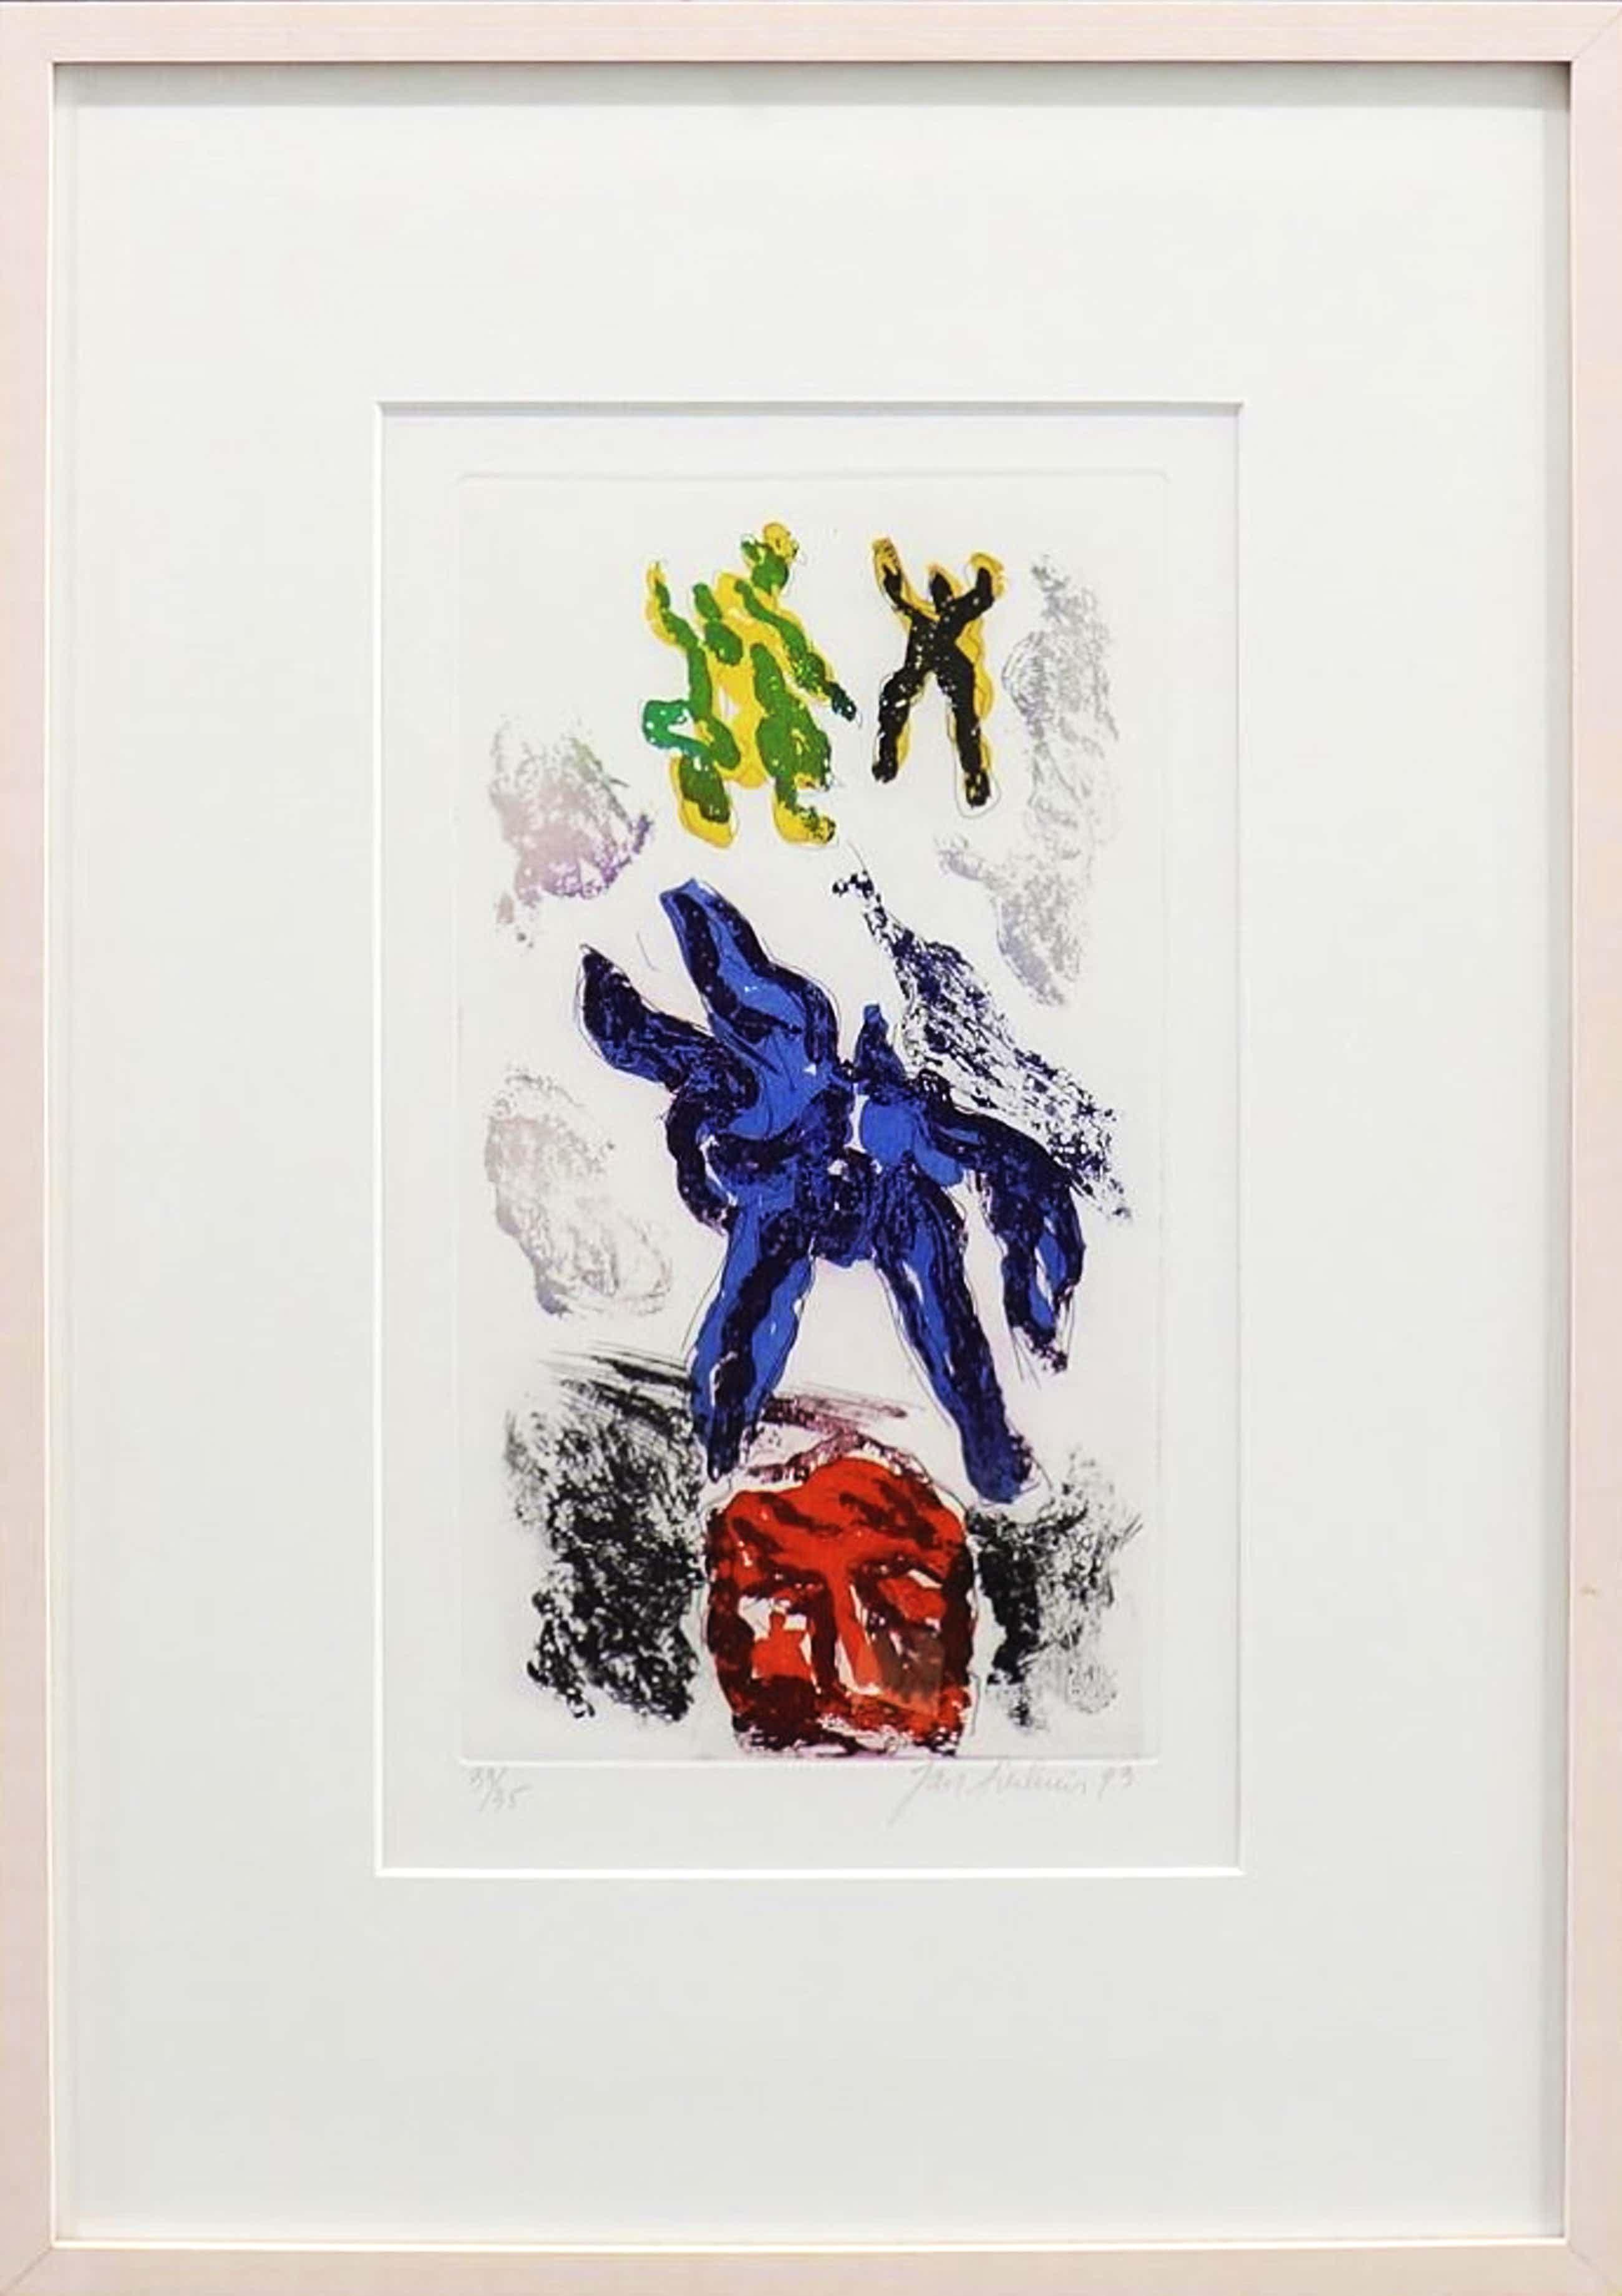 Jan Sierhuis - kleurenets - 1993 - oplage 35 - ingelijst kopen? Bied vanaf 125!